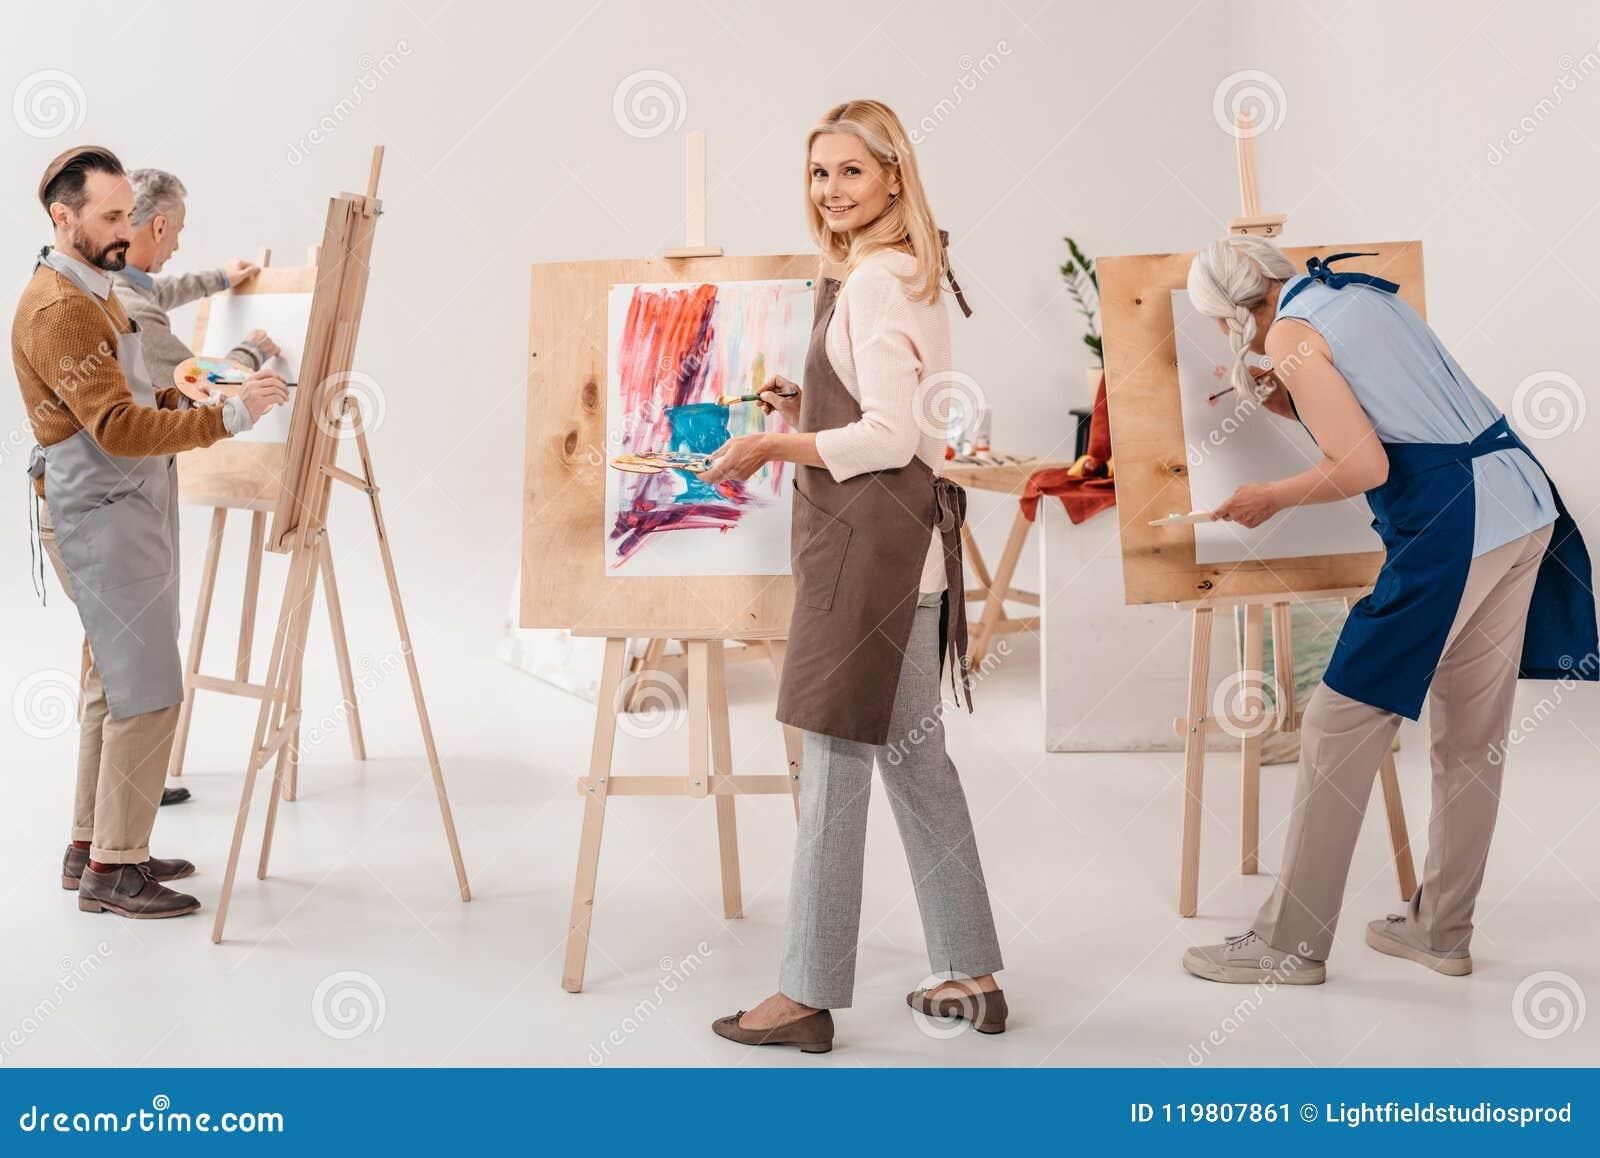 ενήλικοι άνδρες και γυναίκες σπουδαστές στις ποδιές που χρωματίζουν μαζί easels